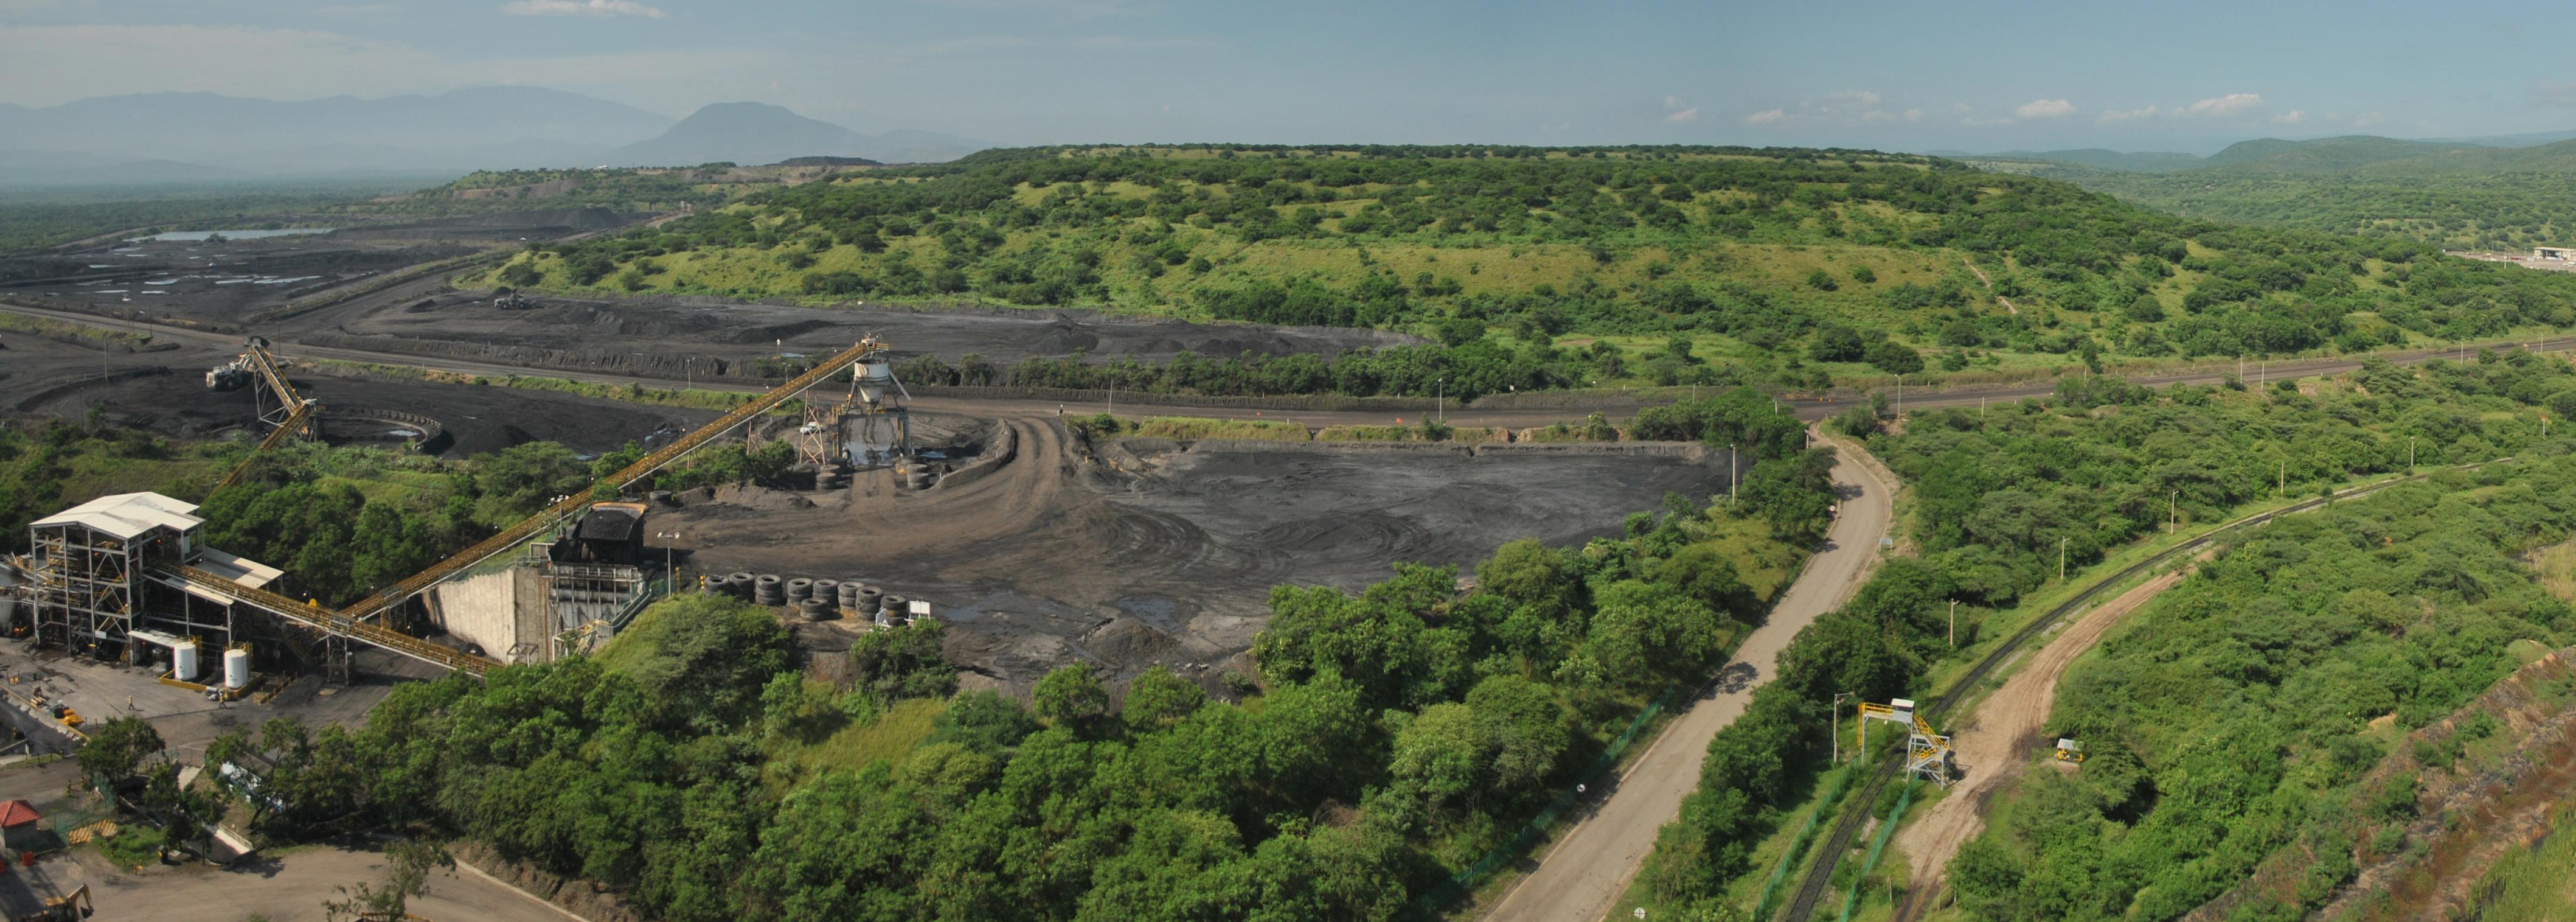 hoyennoticia.com, Cerrejón sigue firme con su política de protección del bosque seco